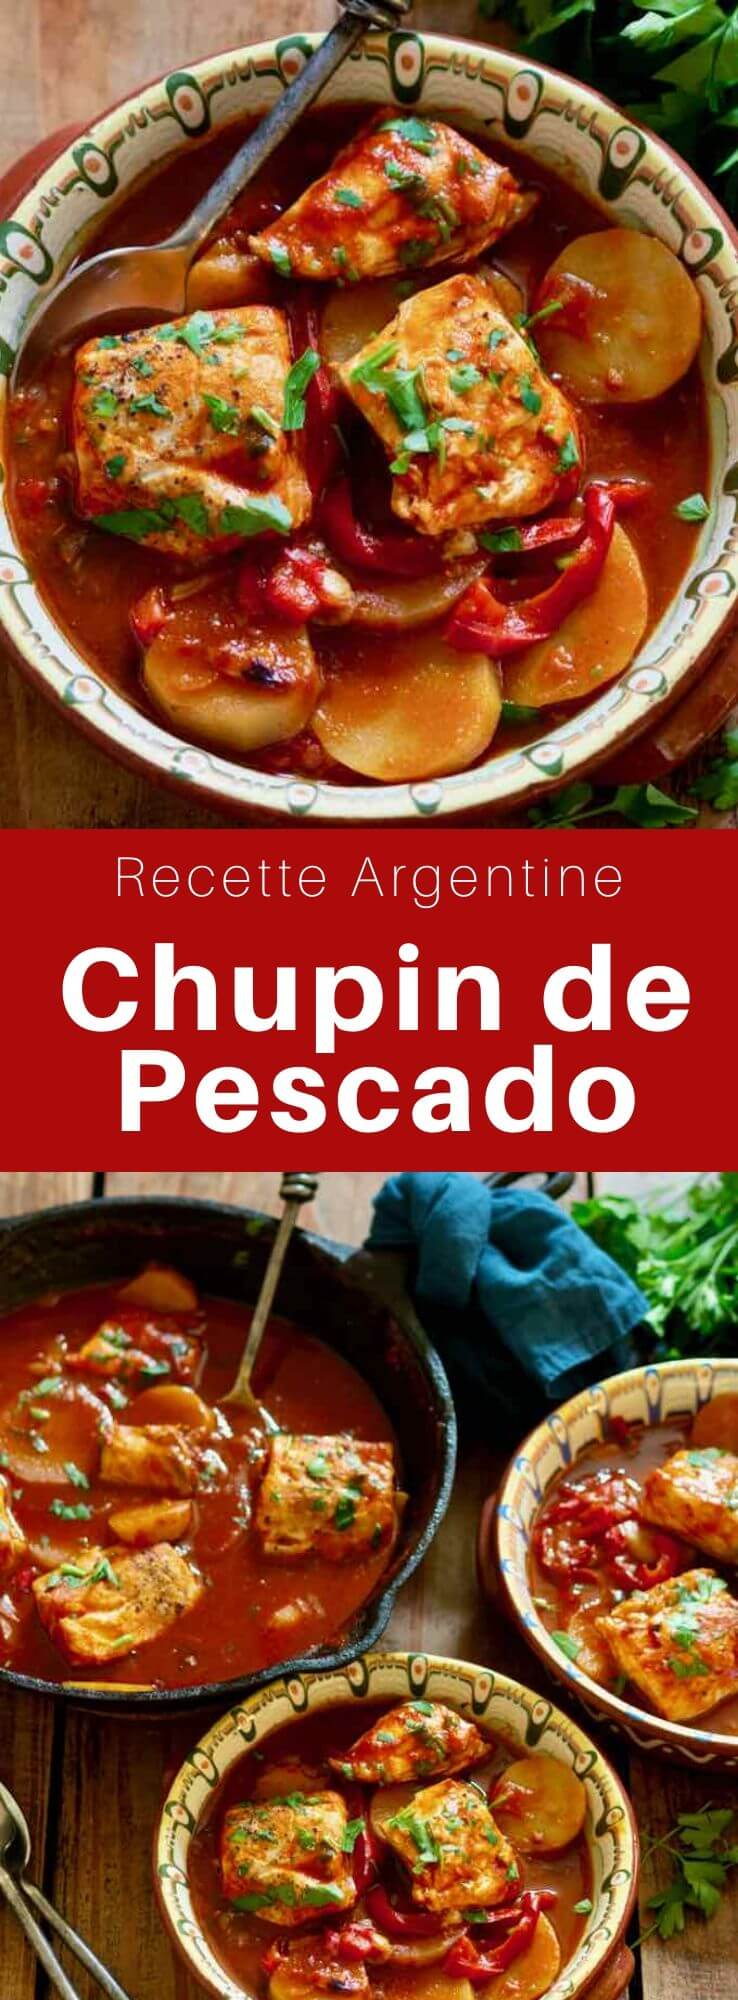 Le chupín de pescado est un plat traditionnel des cuisines argentine, uruguayenne et paraguayenne à base de poisson et de pommes de terre. #Argentine #RecetteArgentine #CuisineArgentine #CuisineDuMonde #196flavors